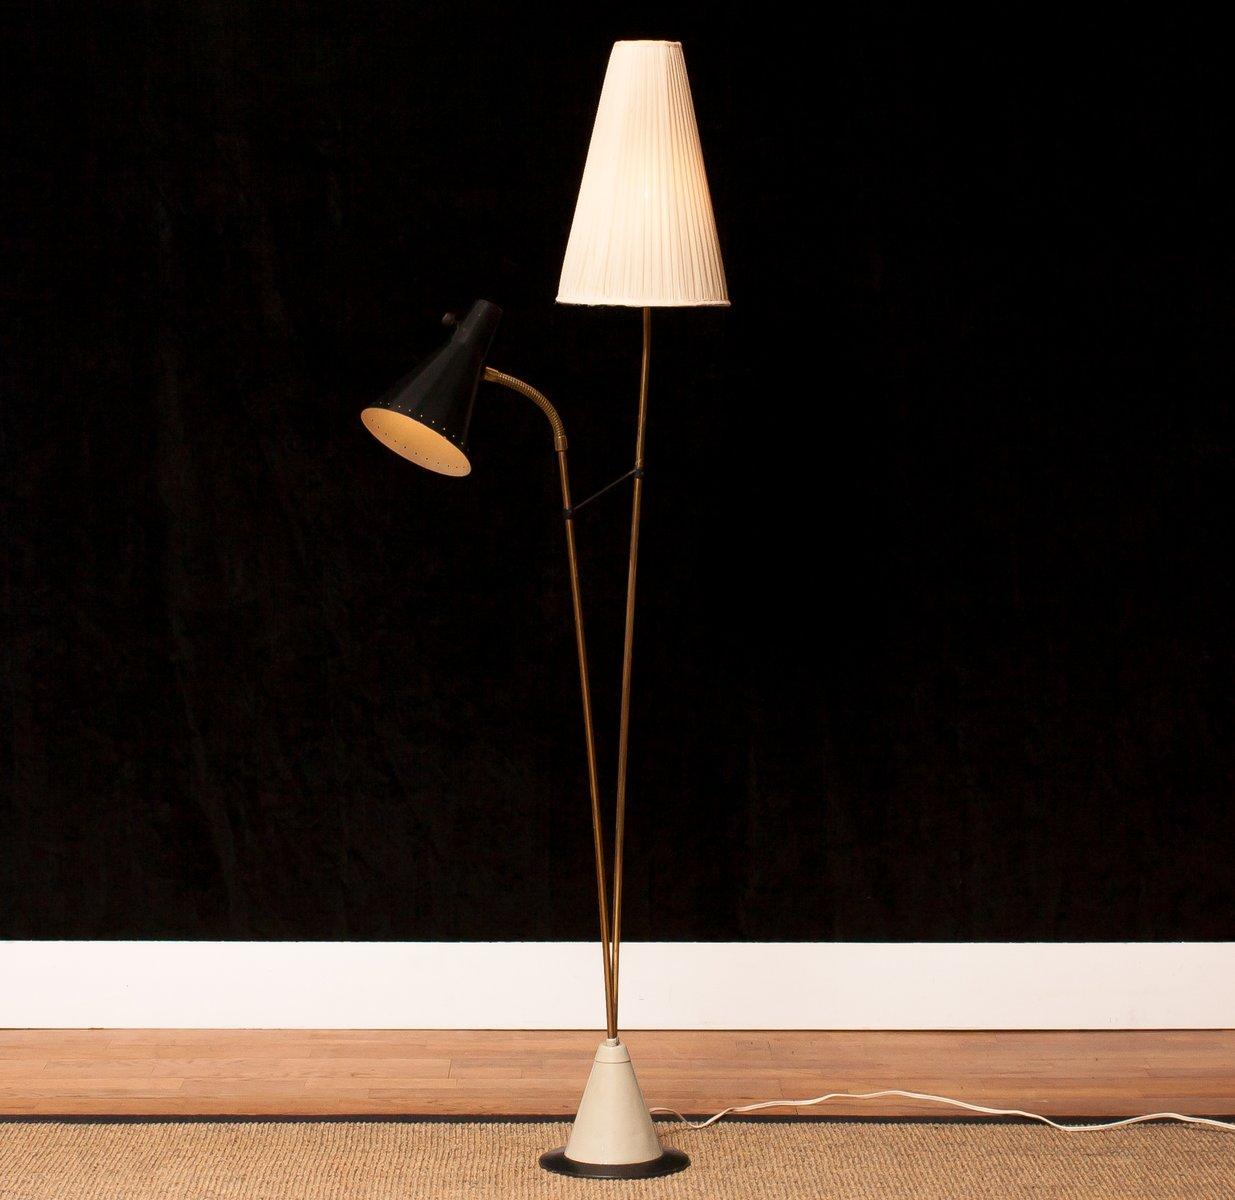 stehlampe mit doppeltem schirm von hans bergstr m of atelj lyktan 1950er bei pamono kaufen. Black Bedroom Furniture Sets. Home Design Ideas